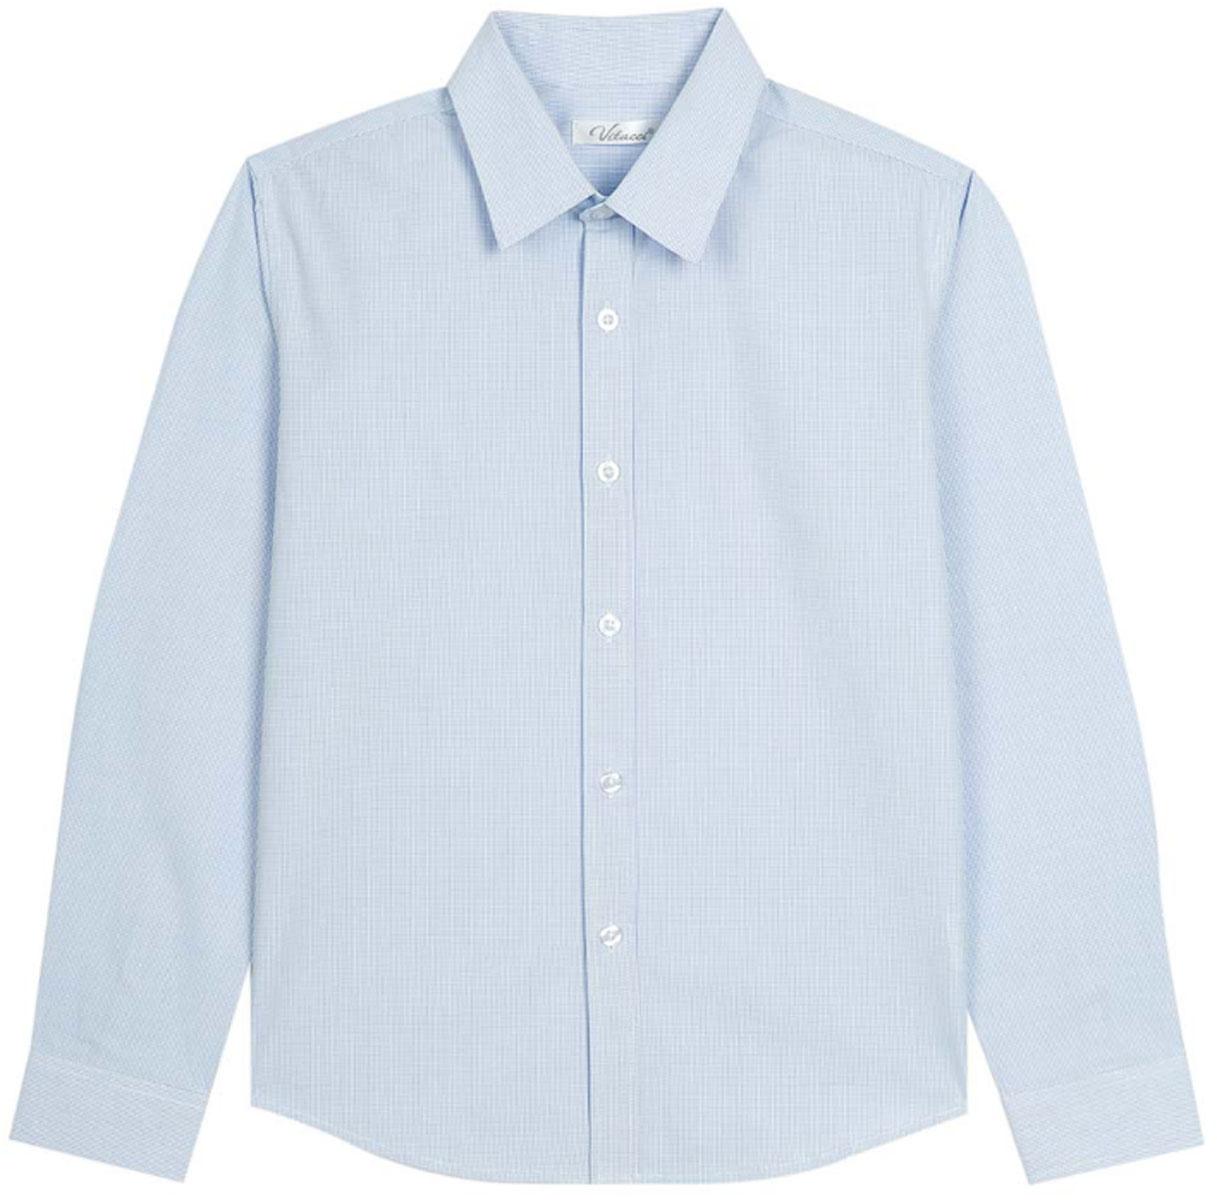 Рубашка для мальчика Vitacci, цвет: голубой. 1173018М-10. Размер 1521173018М-10Рубашка для мальчика выполнена из хлопка и полиэстера. Модель с отложным воротником и длинными рукавами застегивается на пуговицы.